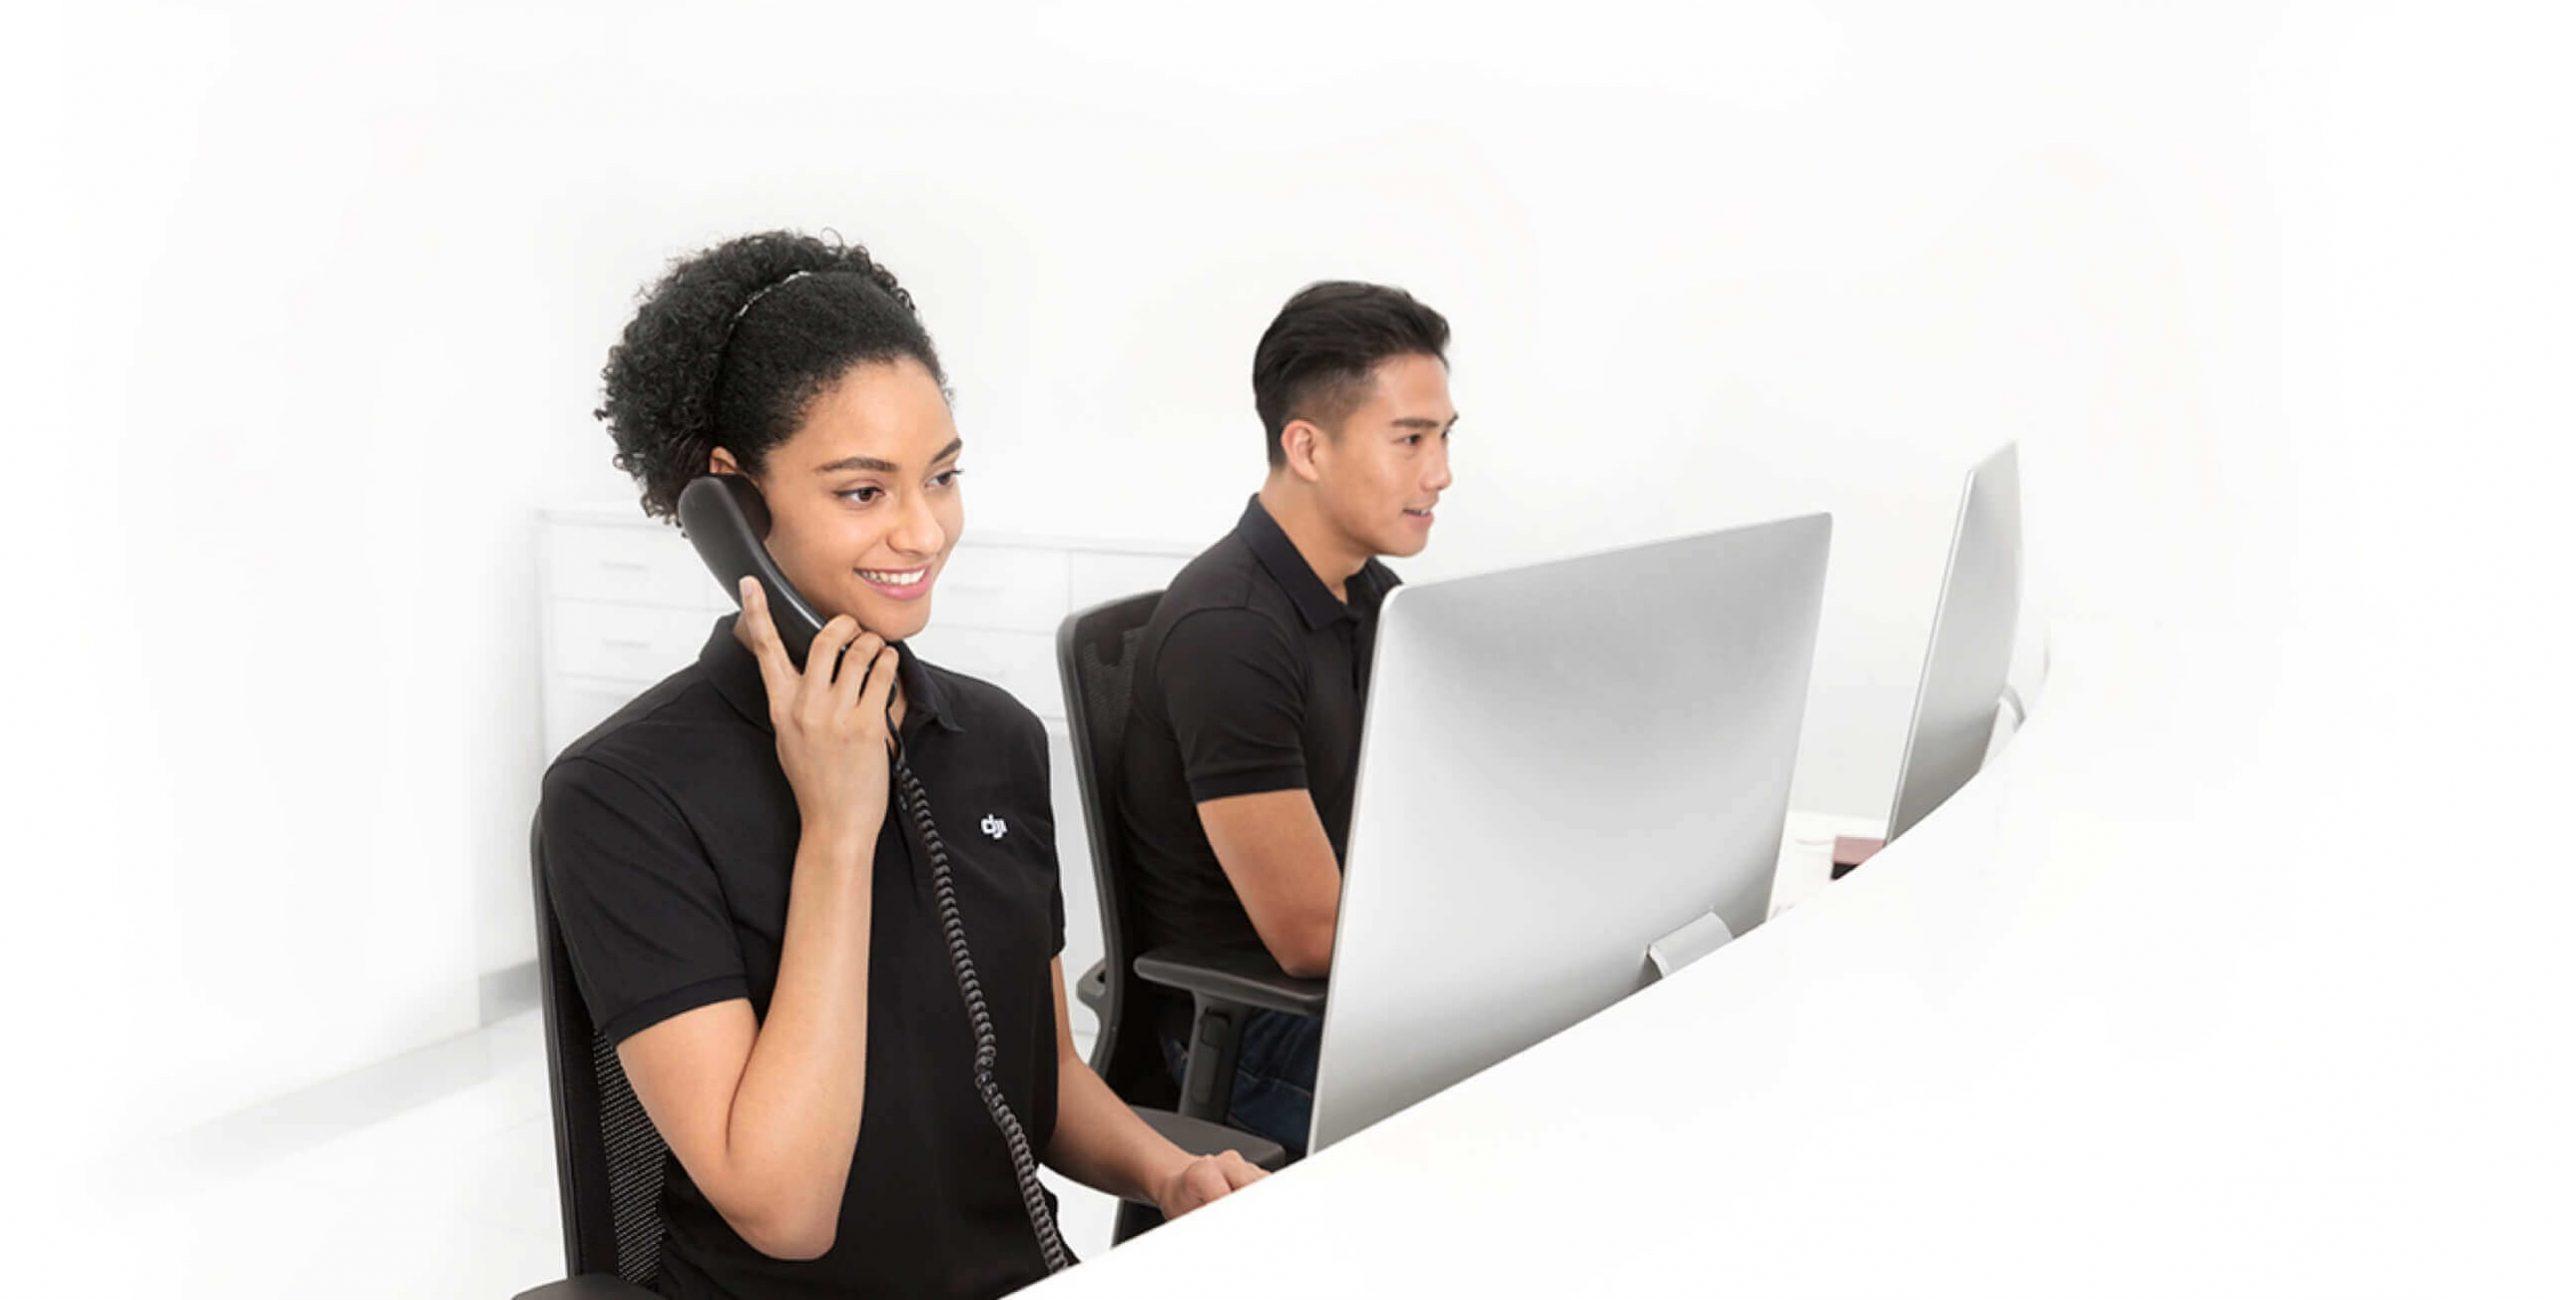 Dịch vụ VIP giúp bạn được hỗ trợ DJI Care Refresh với các chuyên gia